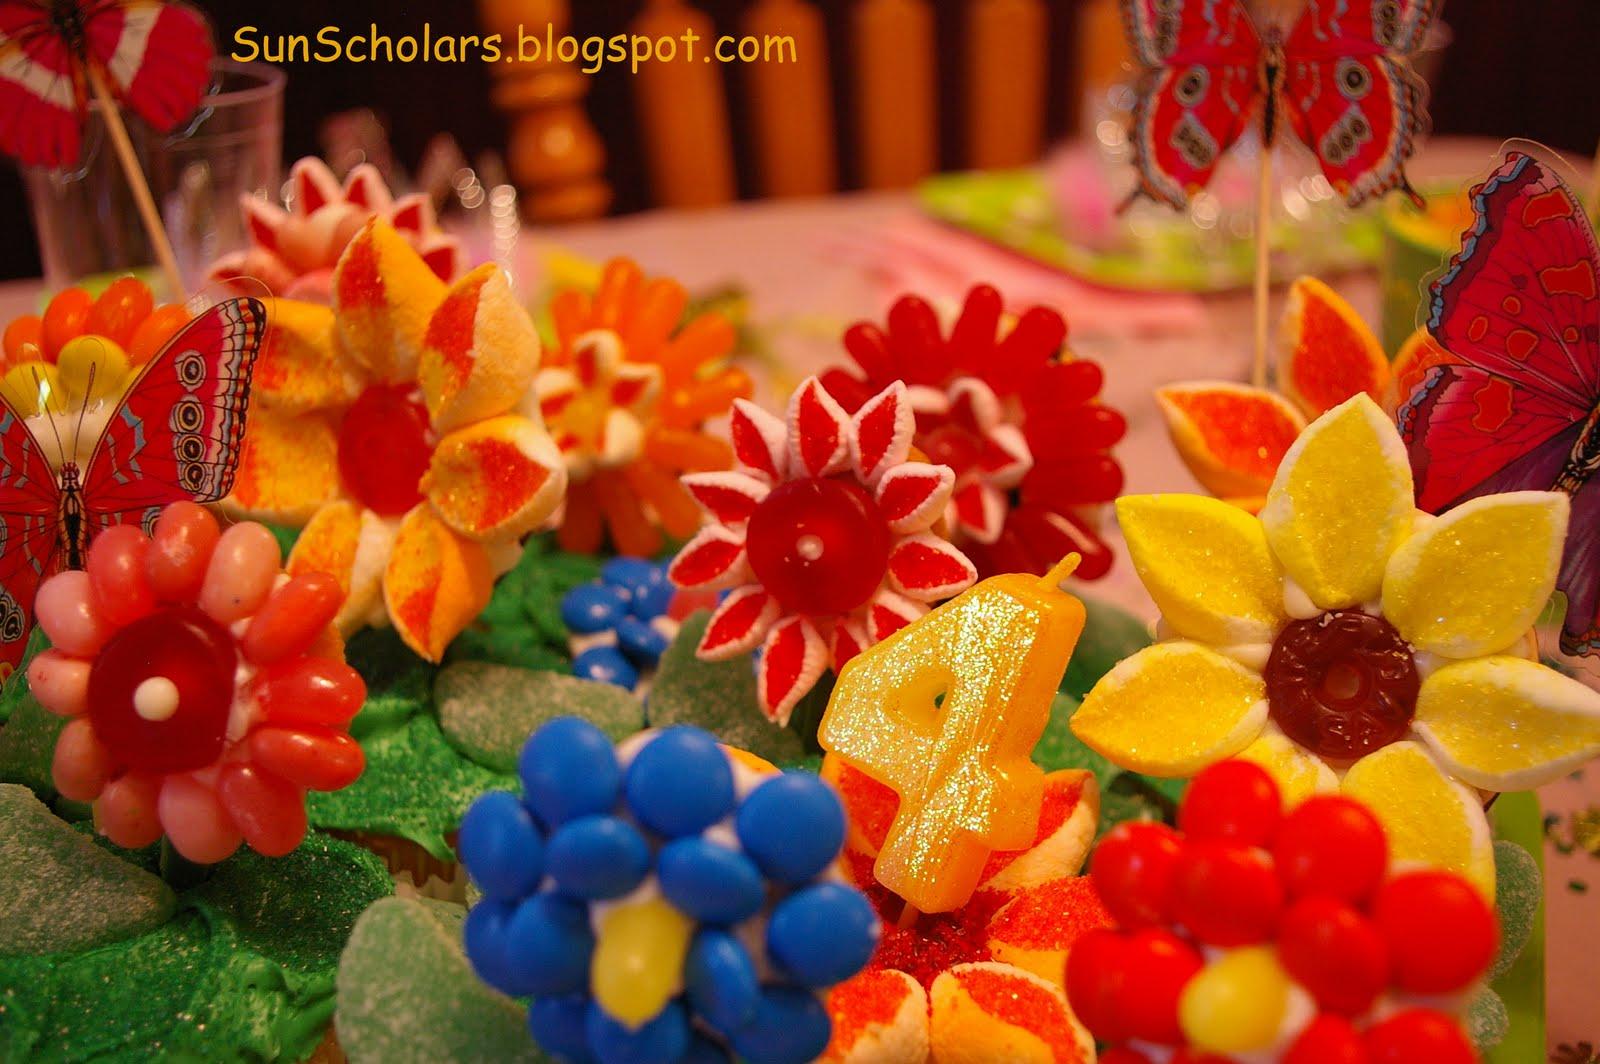 Flower garden birthday cake fathers day 2011 flower garden birthday cake izmirmasajfo